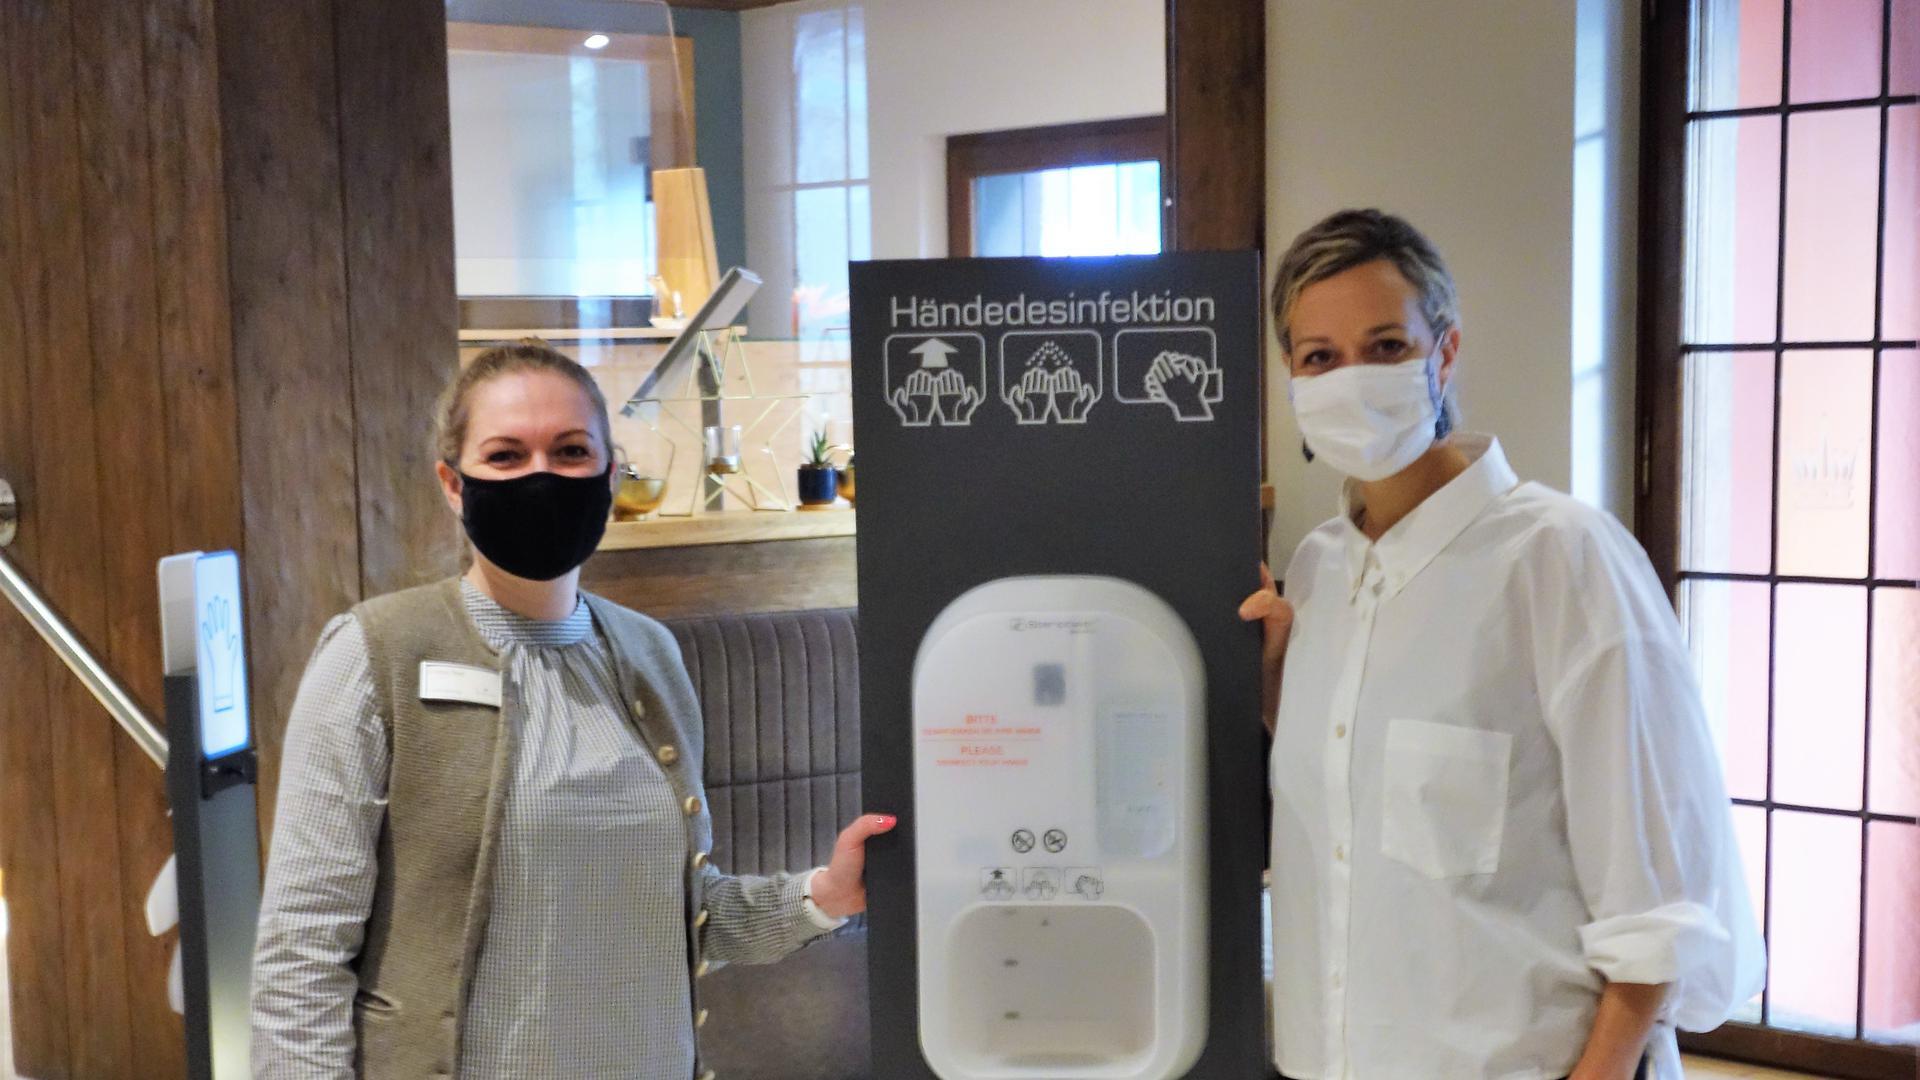 """Empfangsleiterin Karina Thal (l.) und Inhaberin Sabine Weishäupl im Ruhebereich des Einganges vom Hotel Krone mit einer """"Desinfektionsstation"""", wohl dem corona-typischen Bild dieser Tage."""